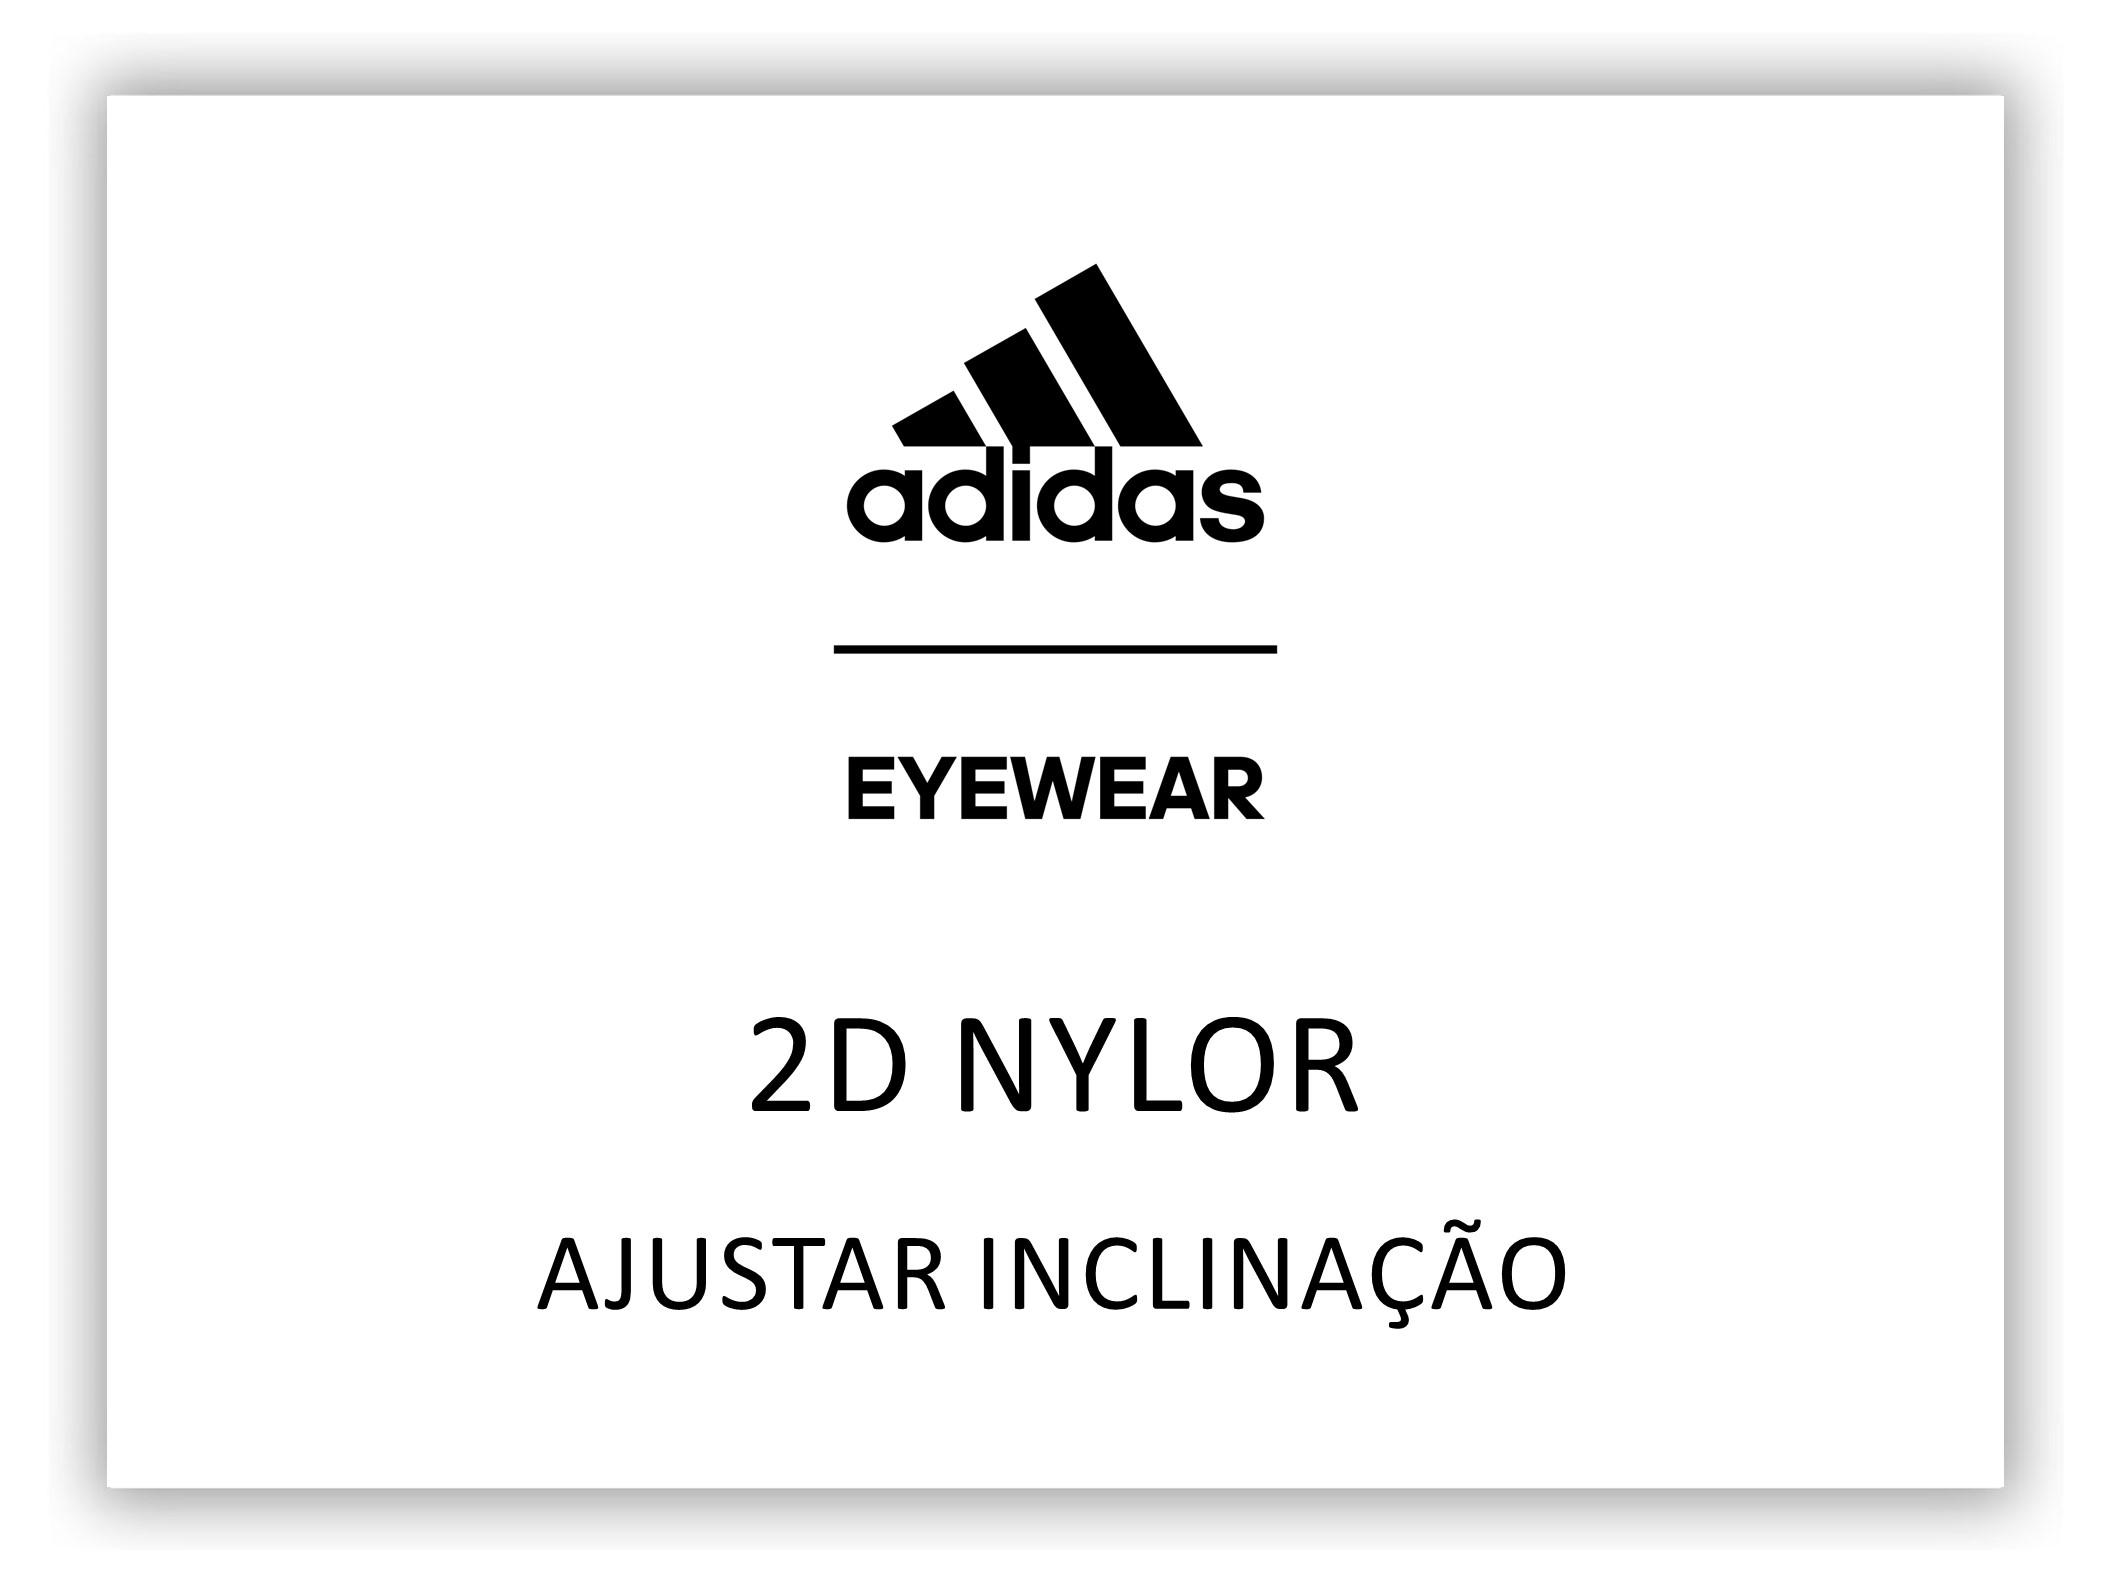 Adidas_capa-2dNYLOR-INCL